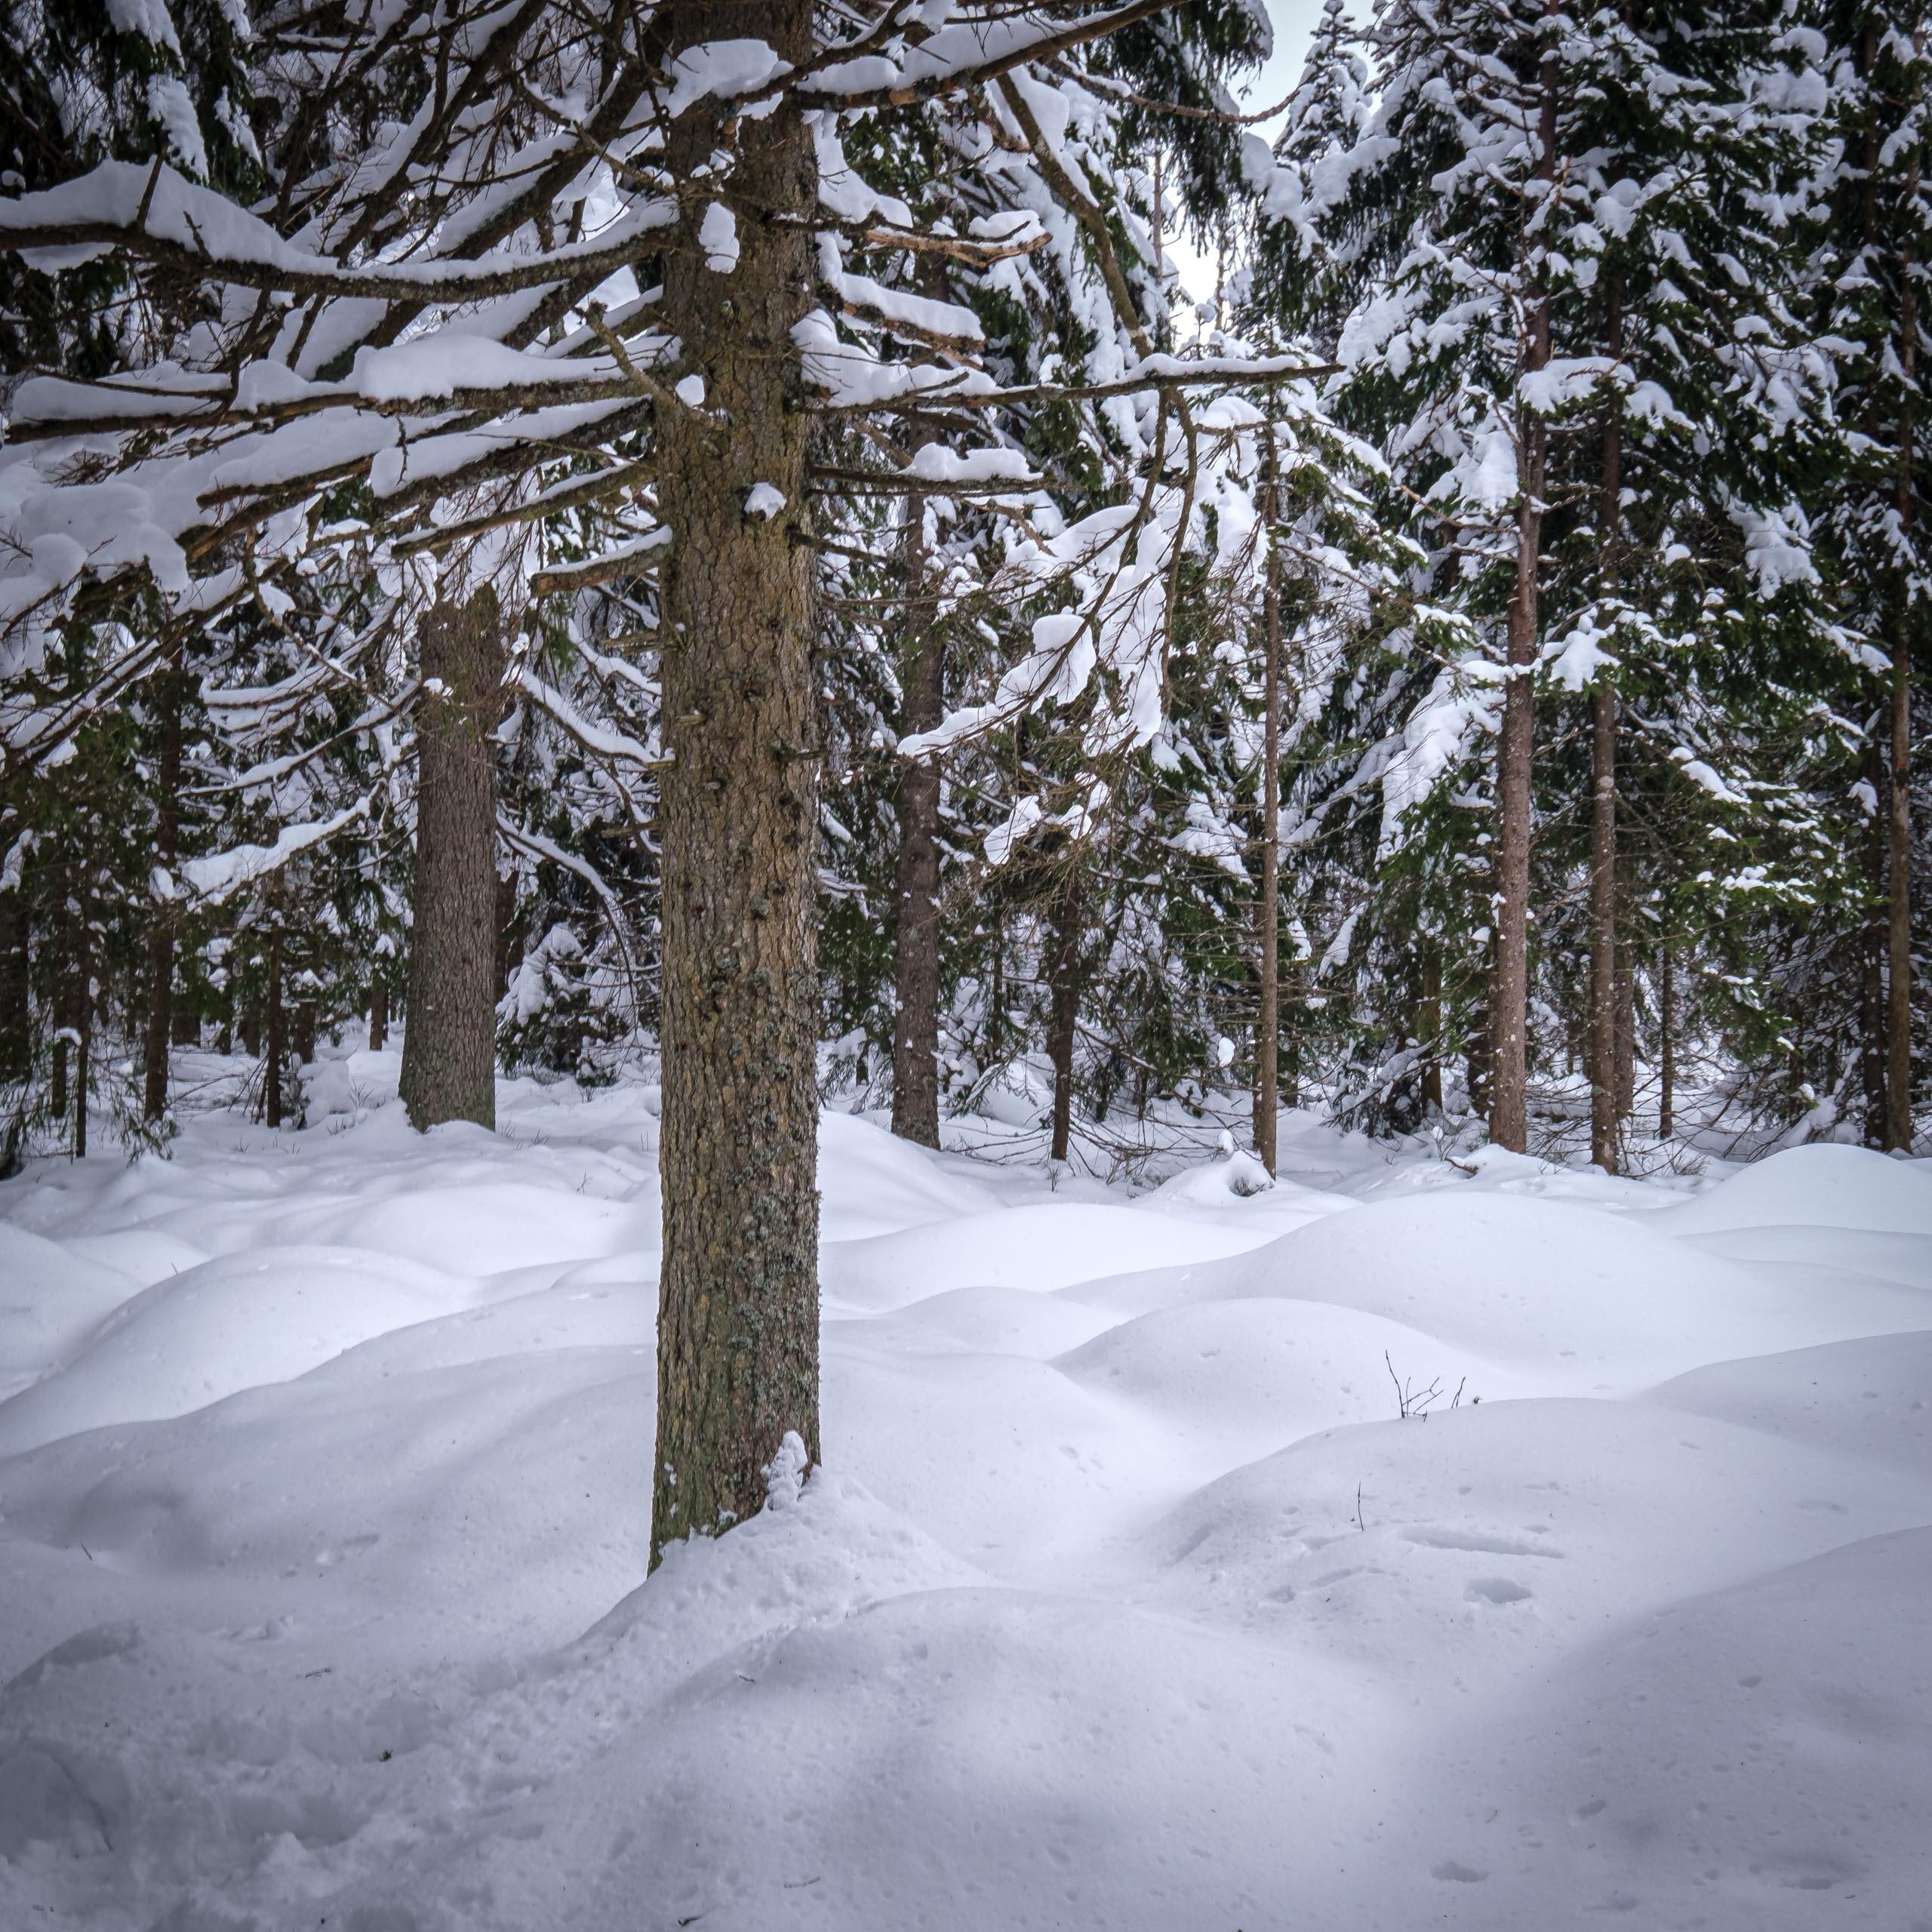 Snowy forest at Étang de la Gruère